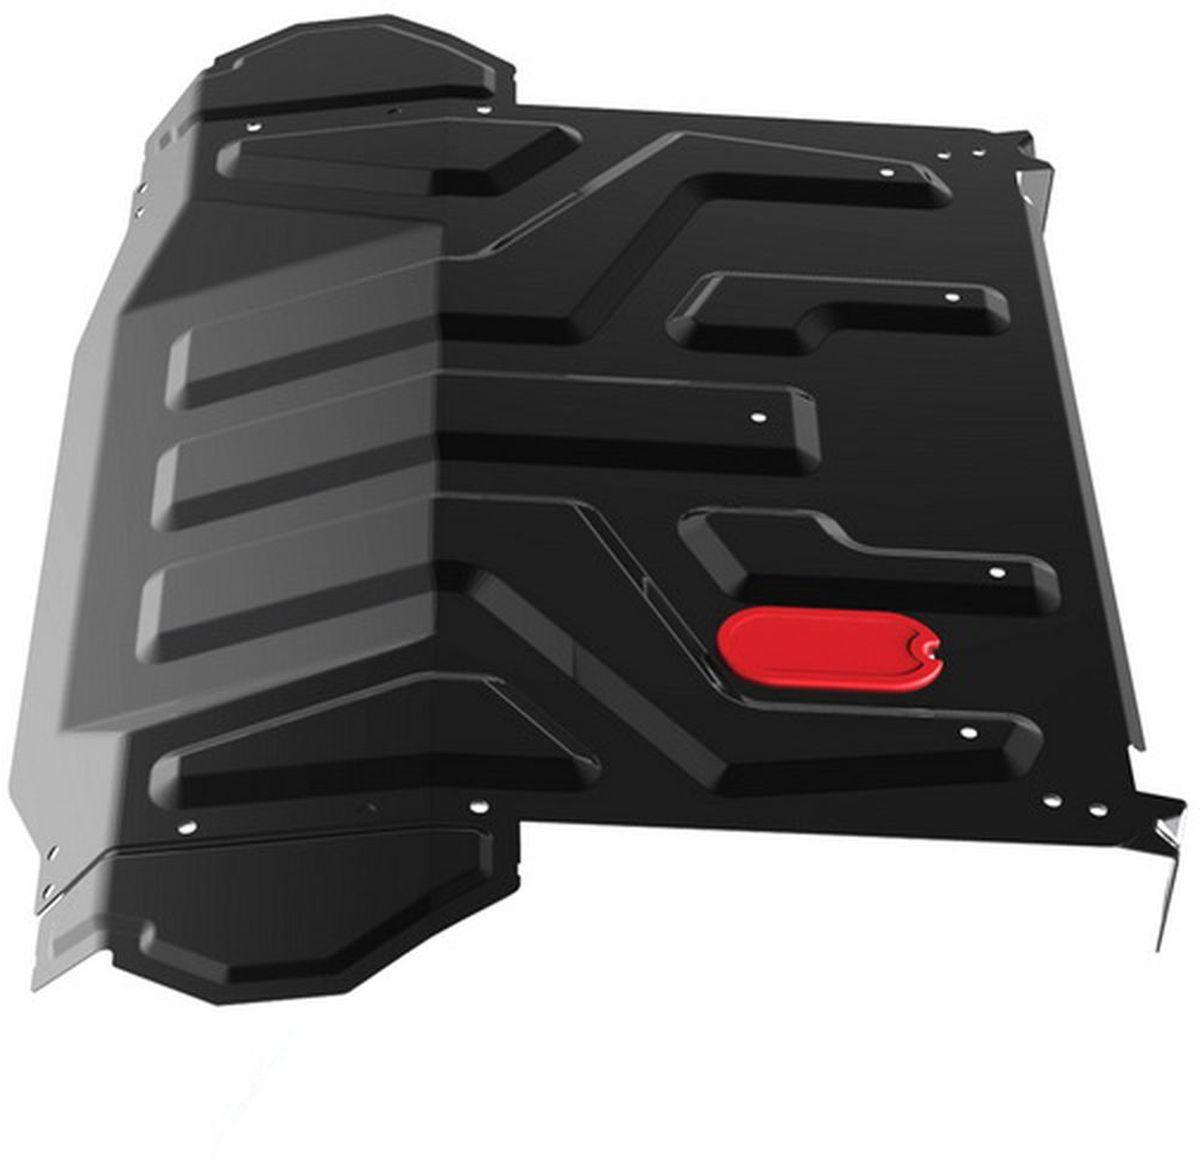 Защита картера и КПП Автоброня Lada Priora 2110 1995-2007 2007 -, сталь 2 мм1.06018.1Защита картера и КПП Автоброня Lada 2110 Priora, V- 1,6 1995-2007 2007 -, сталь 2 мм, штатный крепеж, 1.06018.1Стальные защиты Автоброня надежно защищают ваш автомобиль от повреждений при наезде на бордюры, выступающие канализационные люки, кромки поврежденного асфальта или при ремонте дорог, не говоря уже о загородных дорогах.- Имеют оптимальное соотношение цена-качество.- Спроектированы с учетом особенностей автомобиля, что делает установку удобной.- Защита устанавливается в штатные места кузова автомобиля.- Является надежной защитой для важных элементов на протяжении долгих лет.- Глубокий штамп дополнительно усиливает конструкцию защиты.- Подштамповка в местах крепления защищает крепеж от срезания.- Технологические отверстия там, где они необходимы для смены масла и слива воды, оборудованные заглушками, закрепленными на защите.Толщина стали 2 мм.В комплекте инструкция по установке.При установке используется штатный крепеж автомобиля.